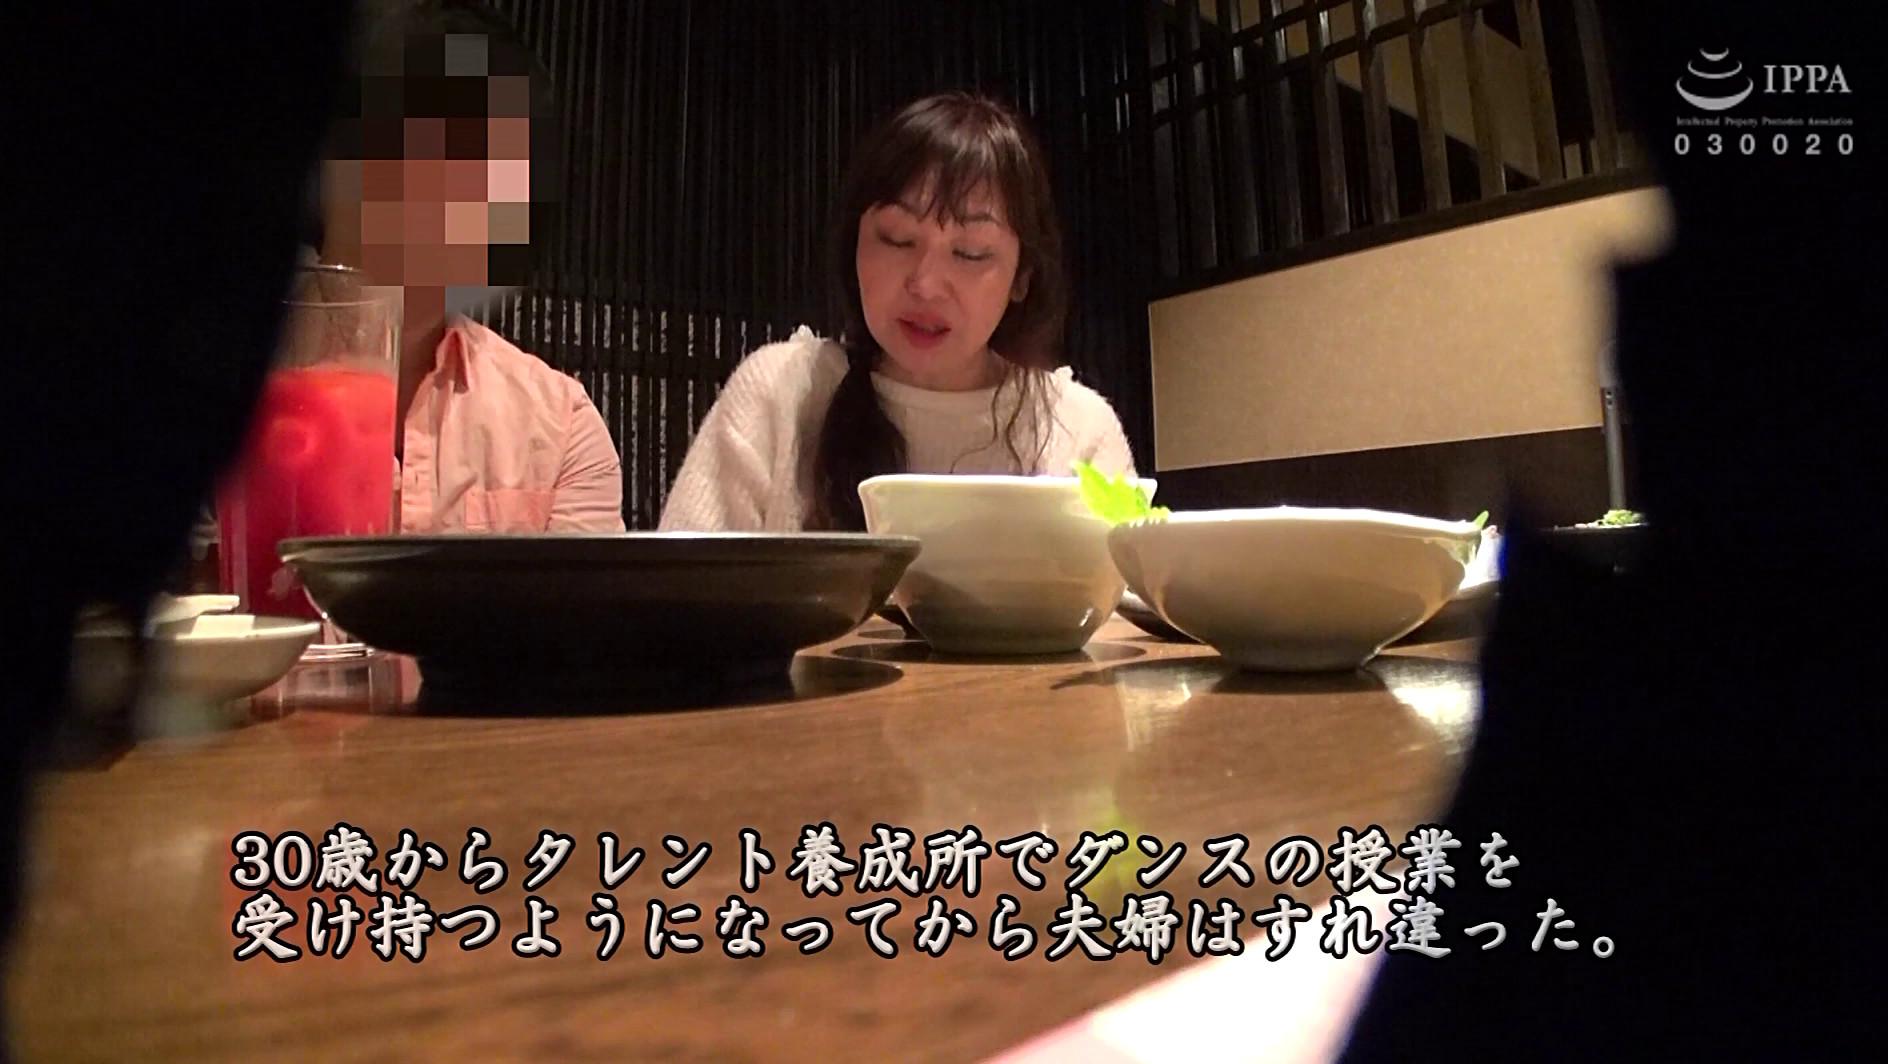 実録・近親相姦[四十三] 高橋浩一ファンの息子から届いた母親寝取られ依頼編